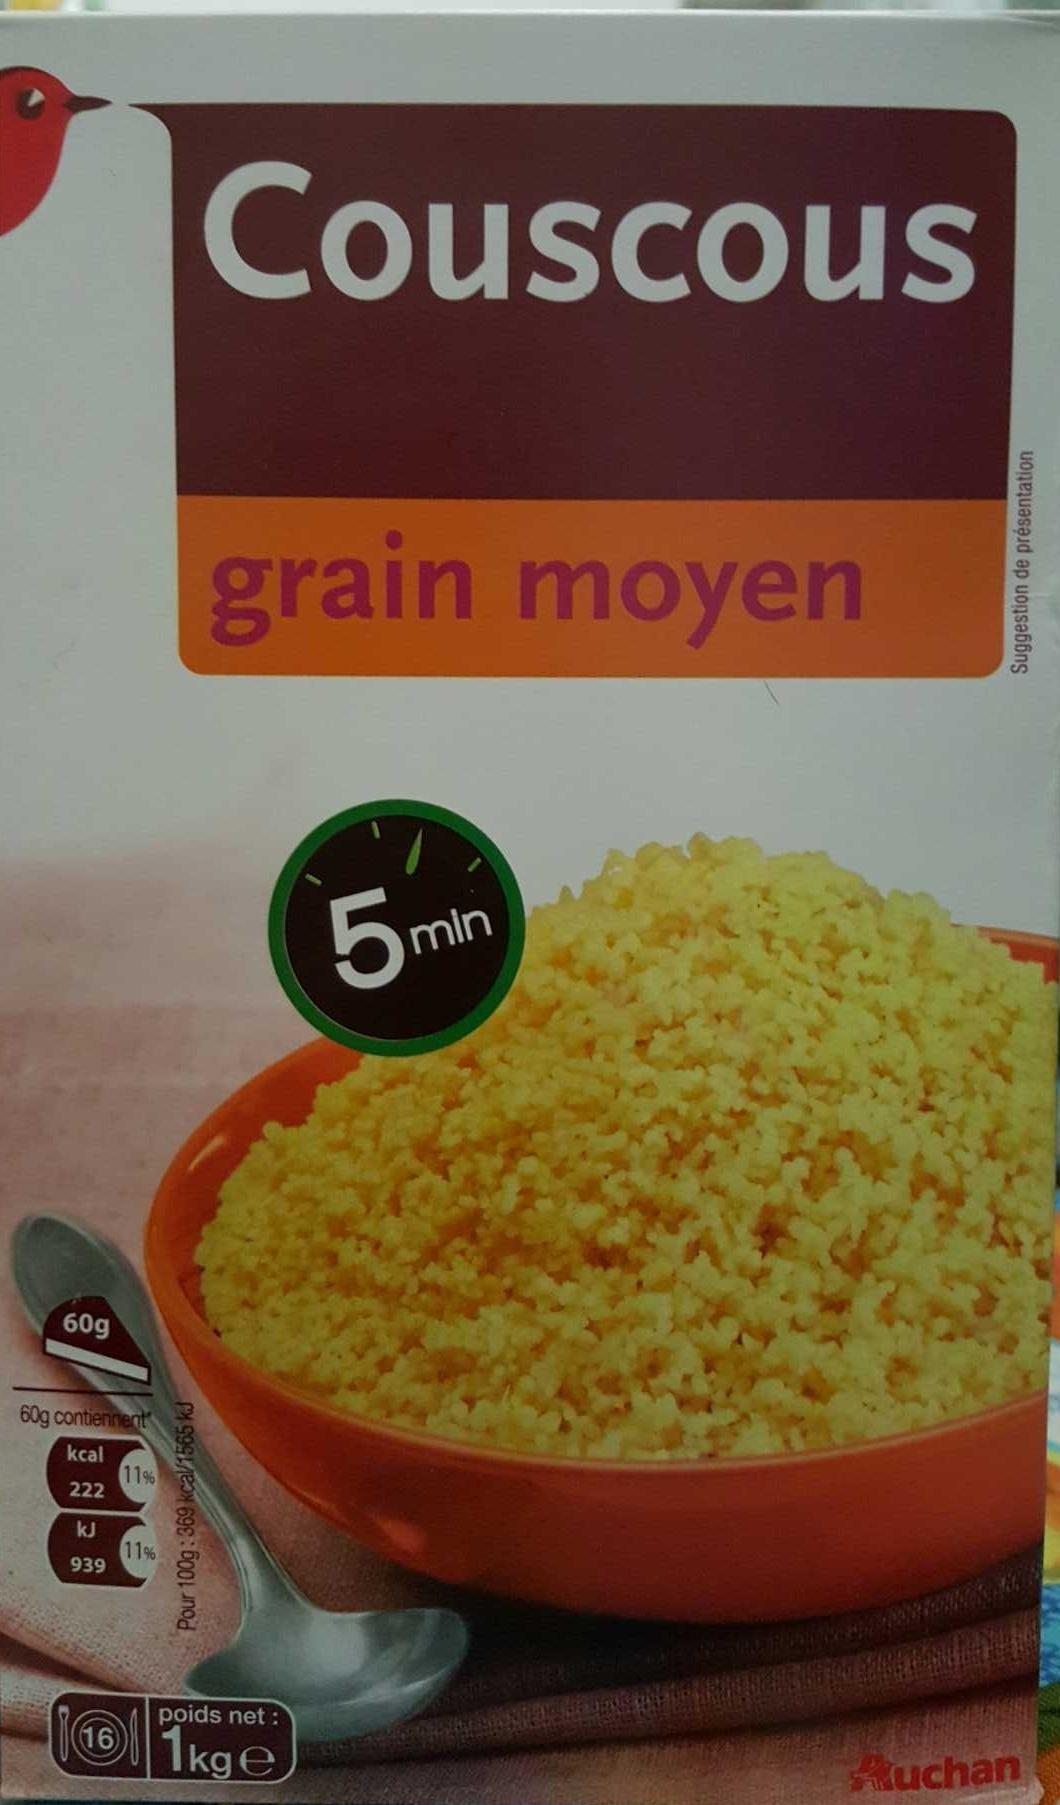 Couscous grain moyen - Producto - fr